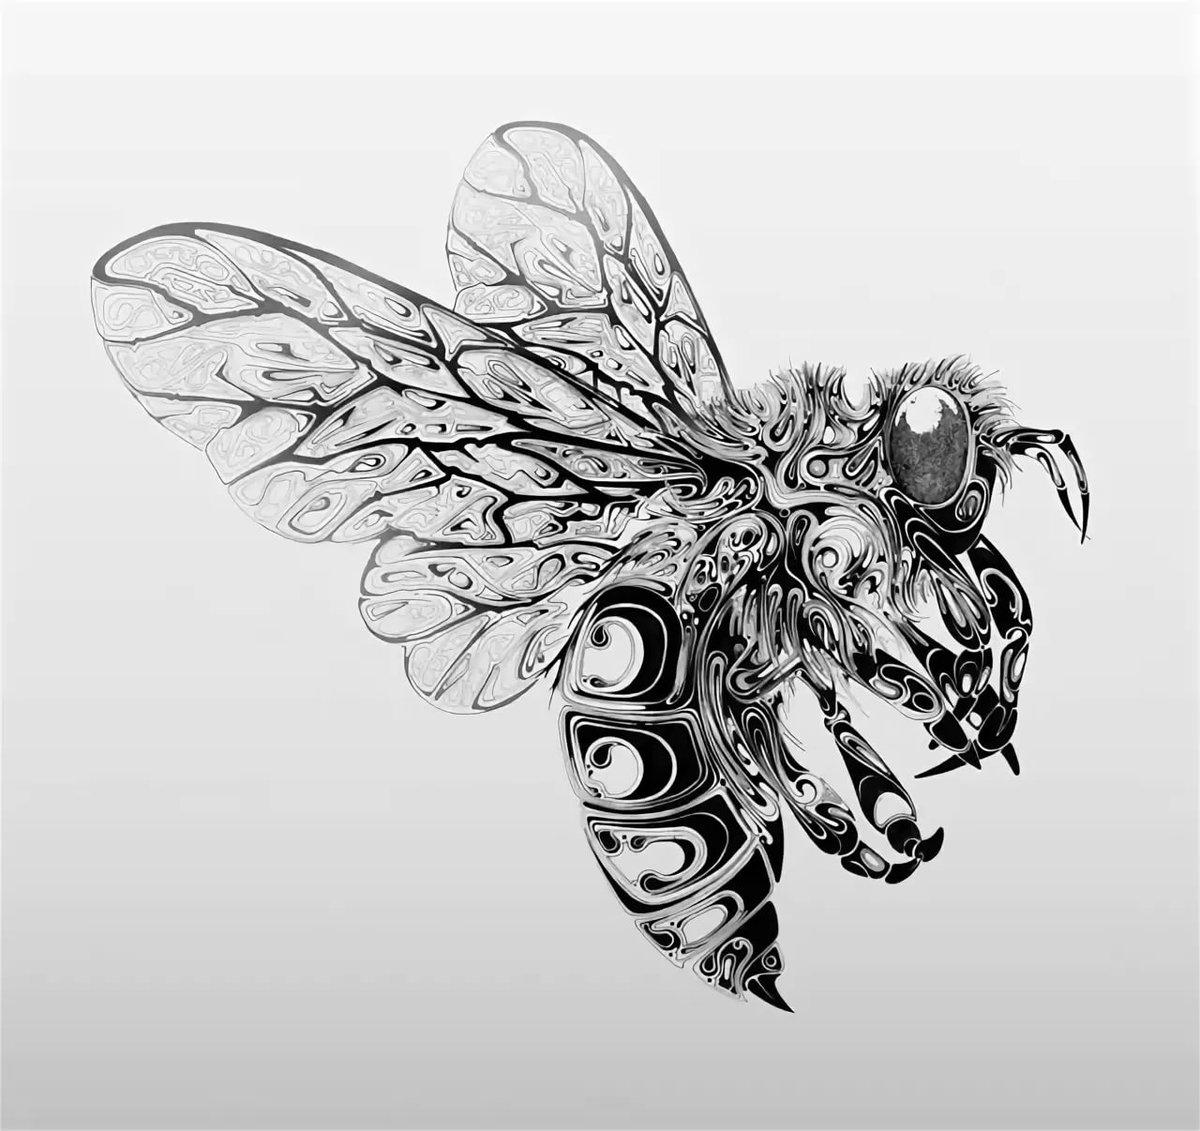 святого пчелы в графике картинки ваша фотография следующий